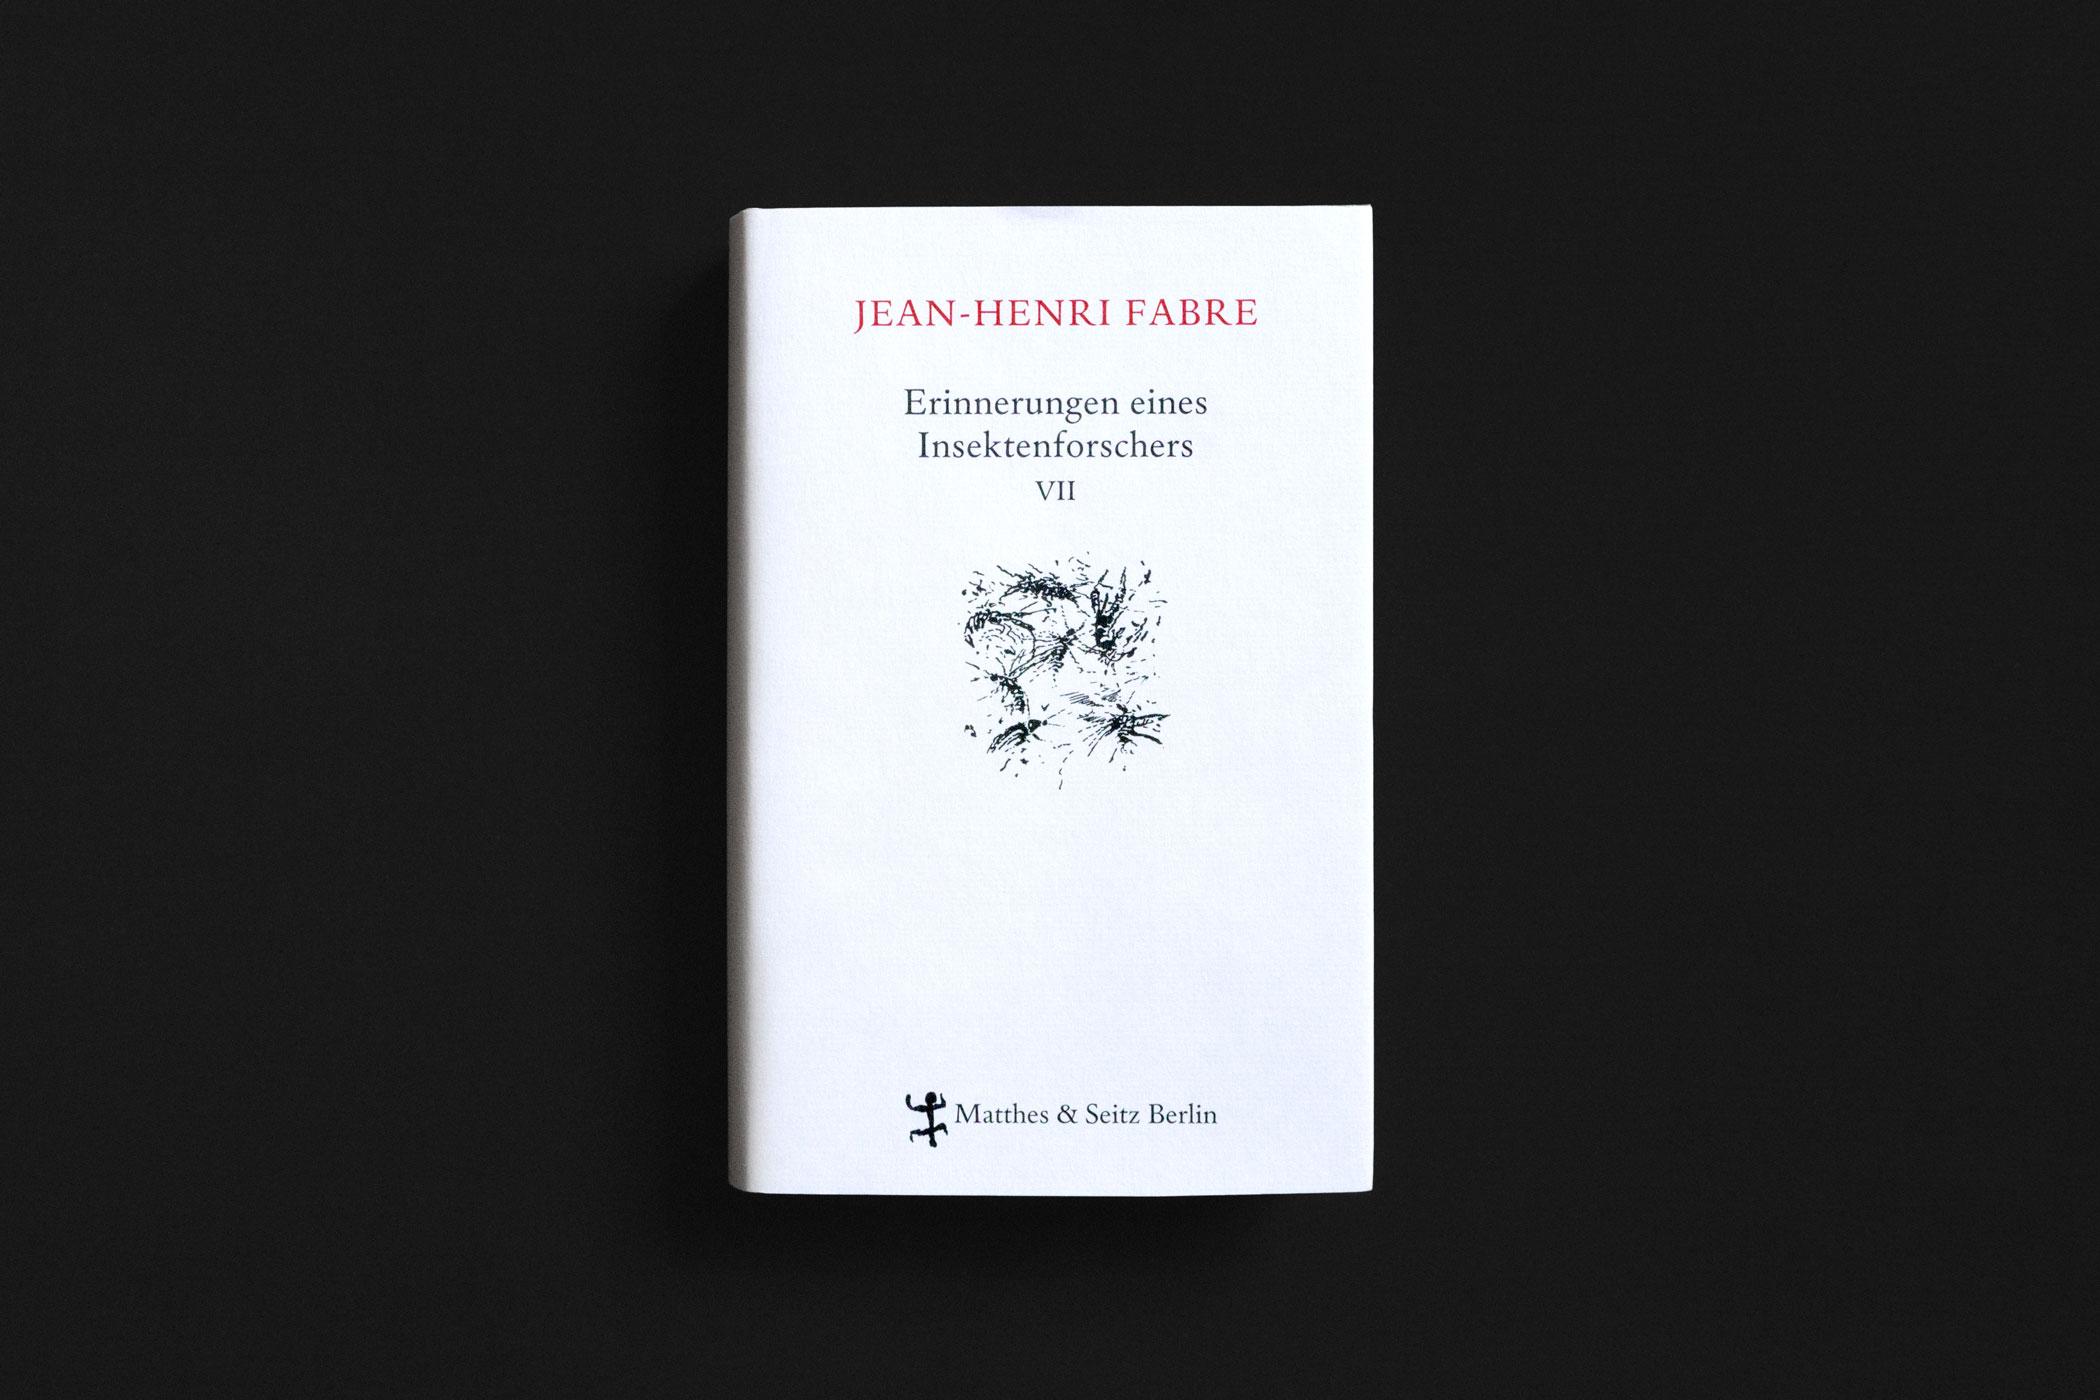 """Das Buch """"Erinnerungen eines Insektenforschers VII"""" von Jean-Henri Fabre erschienen im Verlag Matthes & Seitz Berlin mit Federzeichnungen von Insekten gezeichnet von Christian Thanhäuser am Umschlag und im Innenteil"""